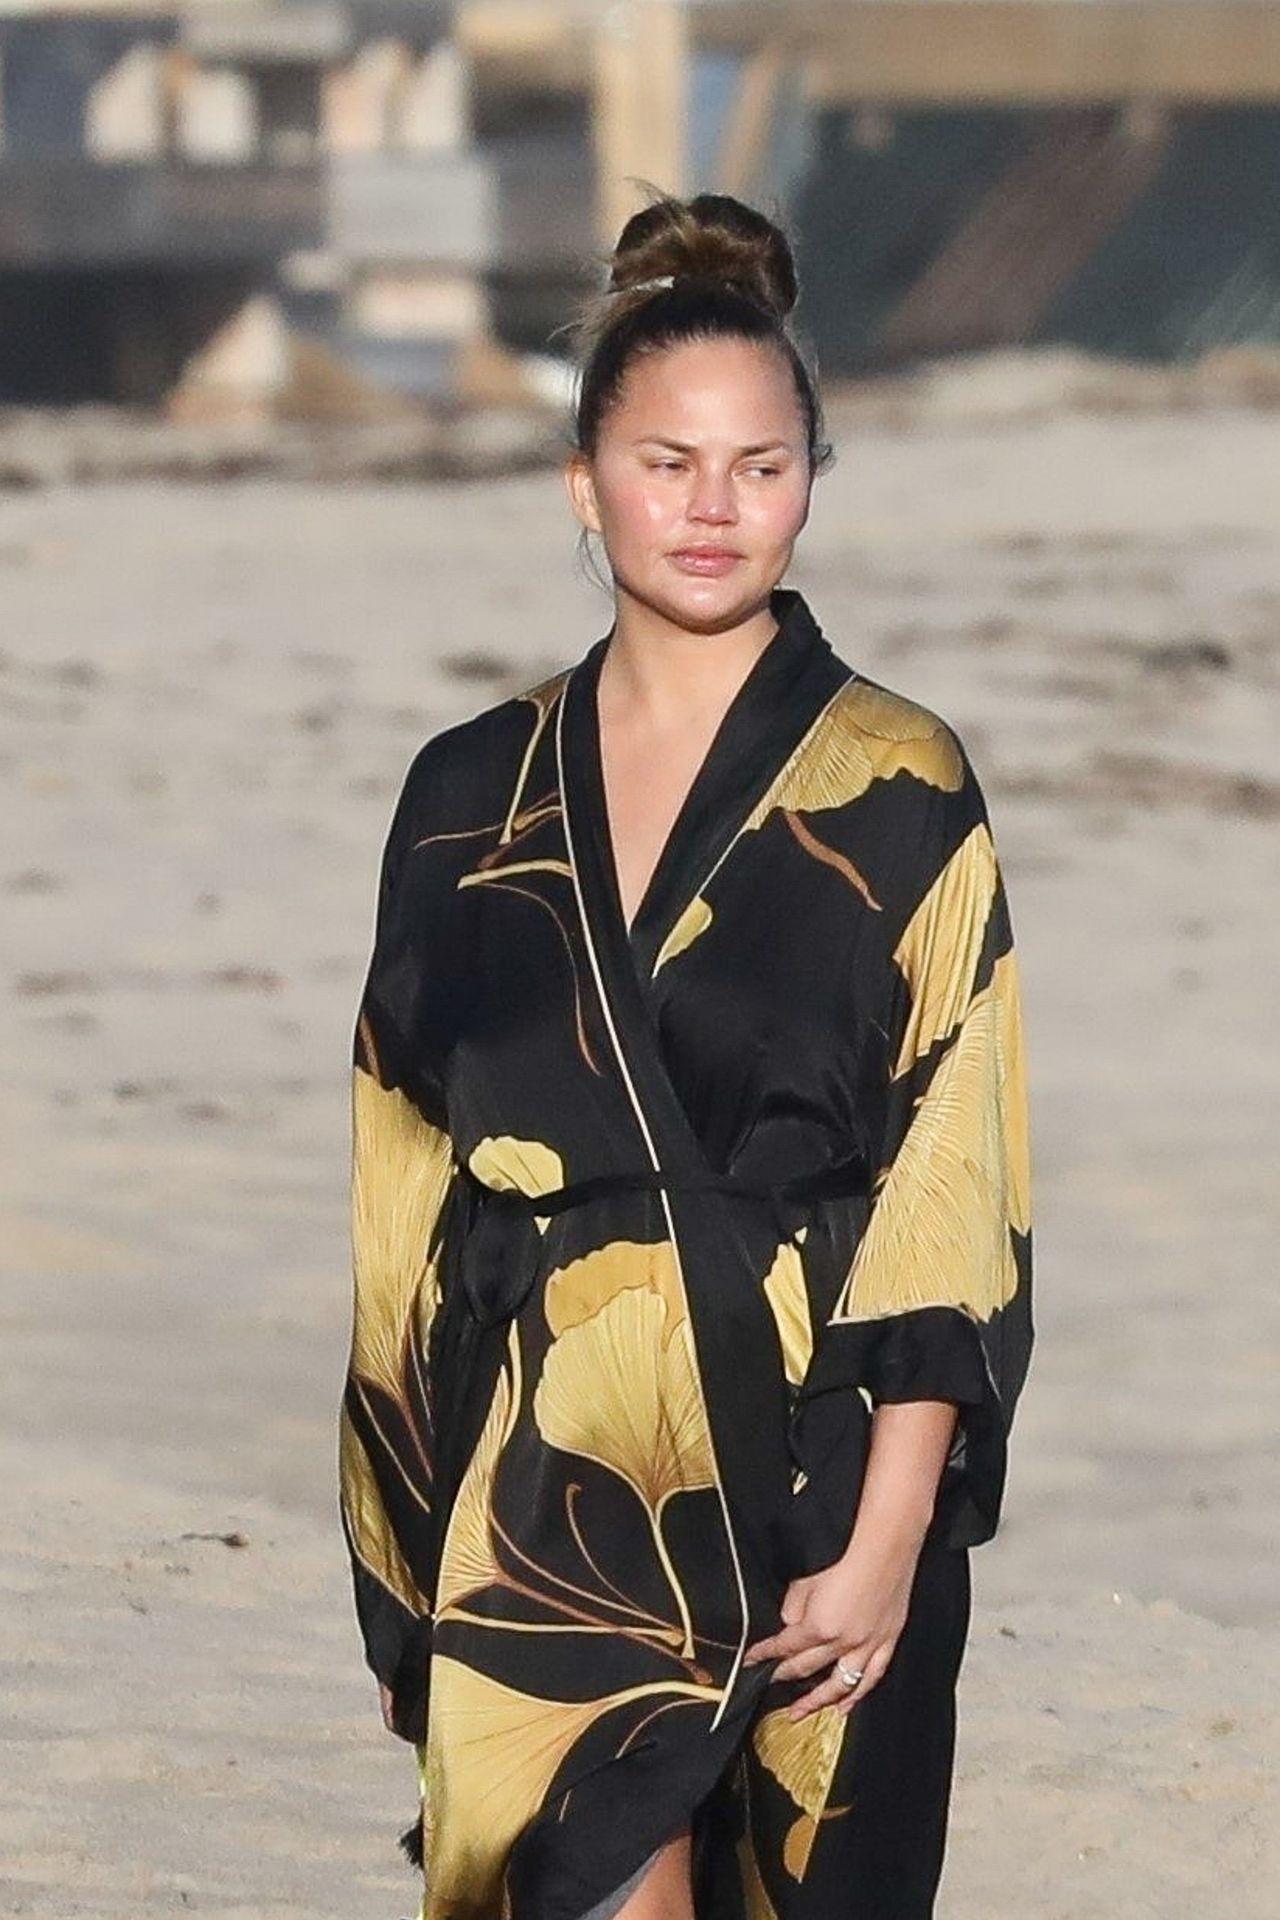 Chrissy Teigen Enjoys A Beach Day In Malibu Amid All Coronavirus Chaos 0008